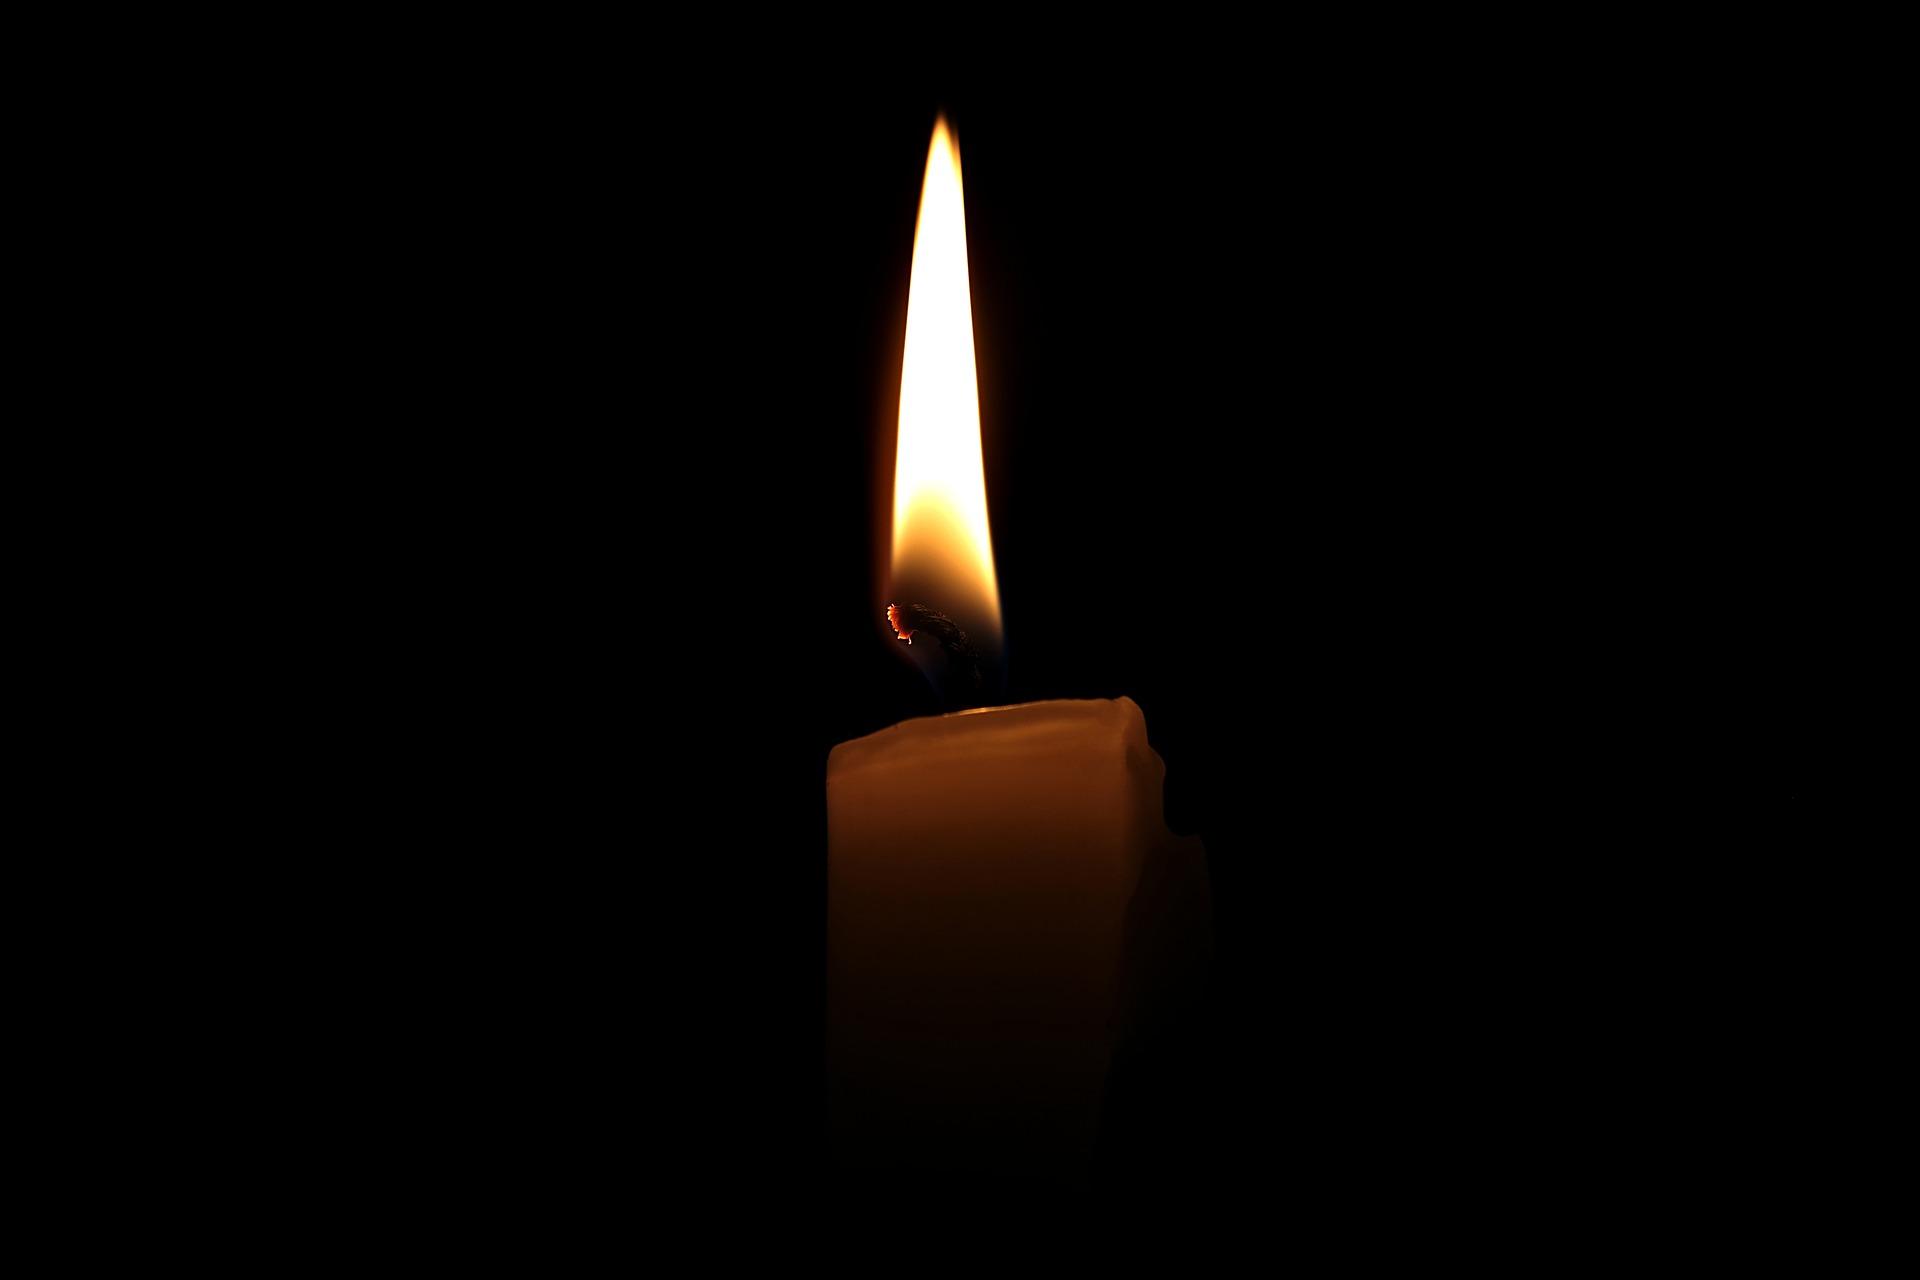 37 lat temu wprowadzono w Polsce stan wojenny. Z tej okazji zapłonie symboliczne Światło Wolności  - Zdjęcie główne